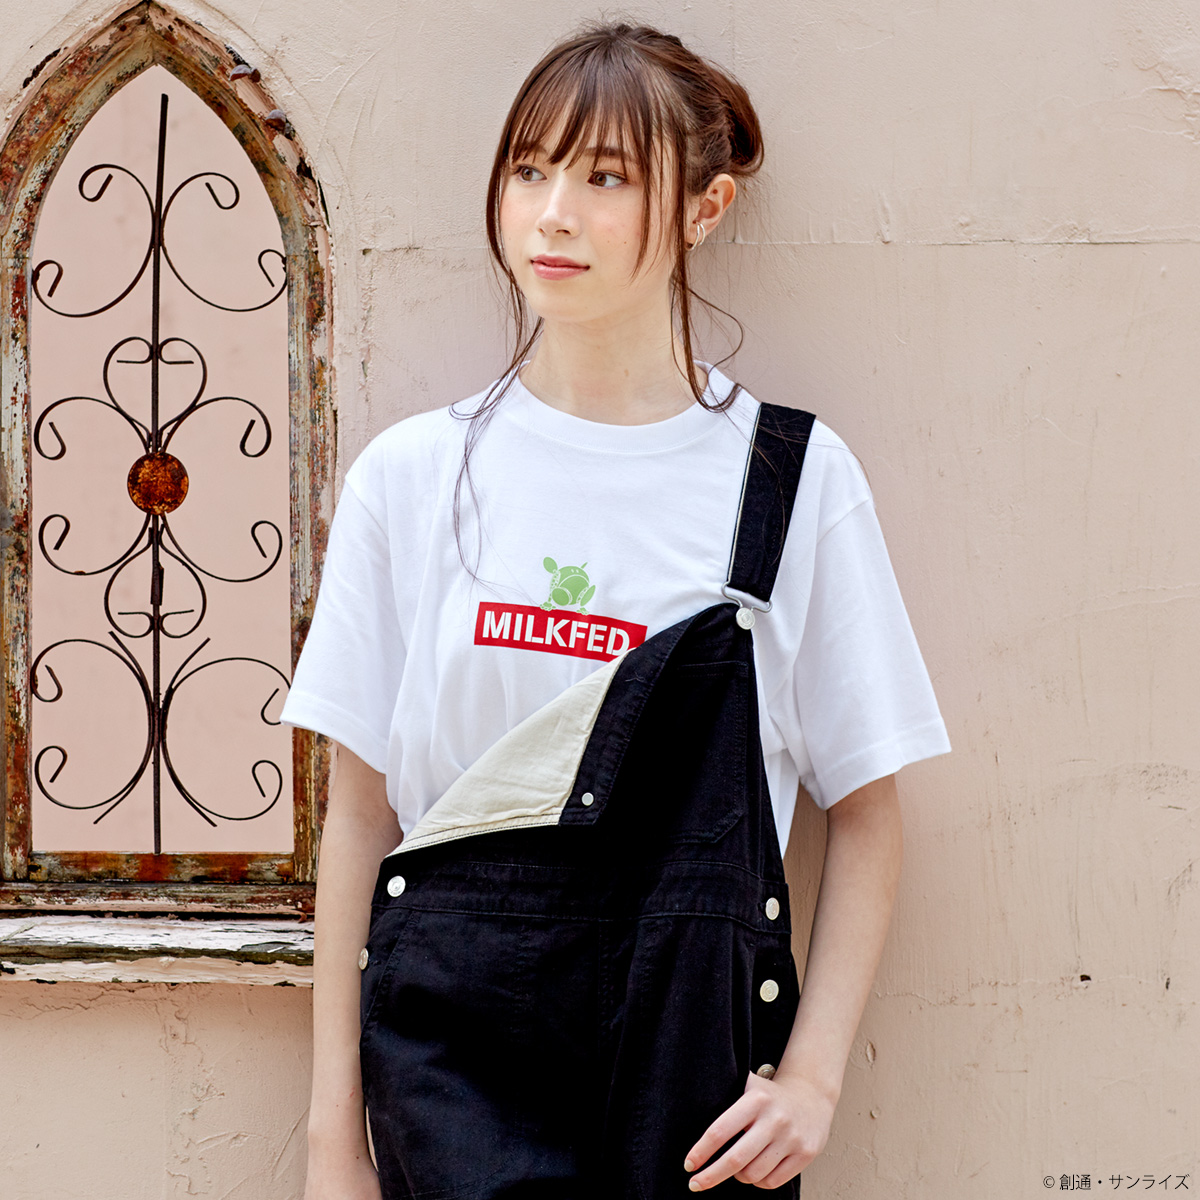 STRICT-G MILKFED.『機動戦士ガンダム』 Tシャツ ハロ バックロゴ